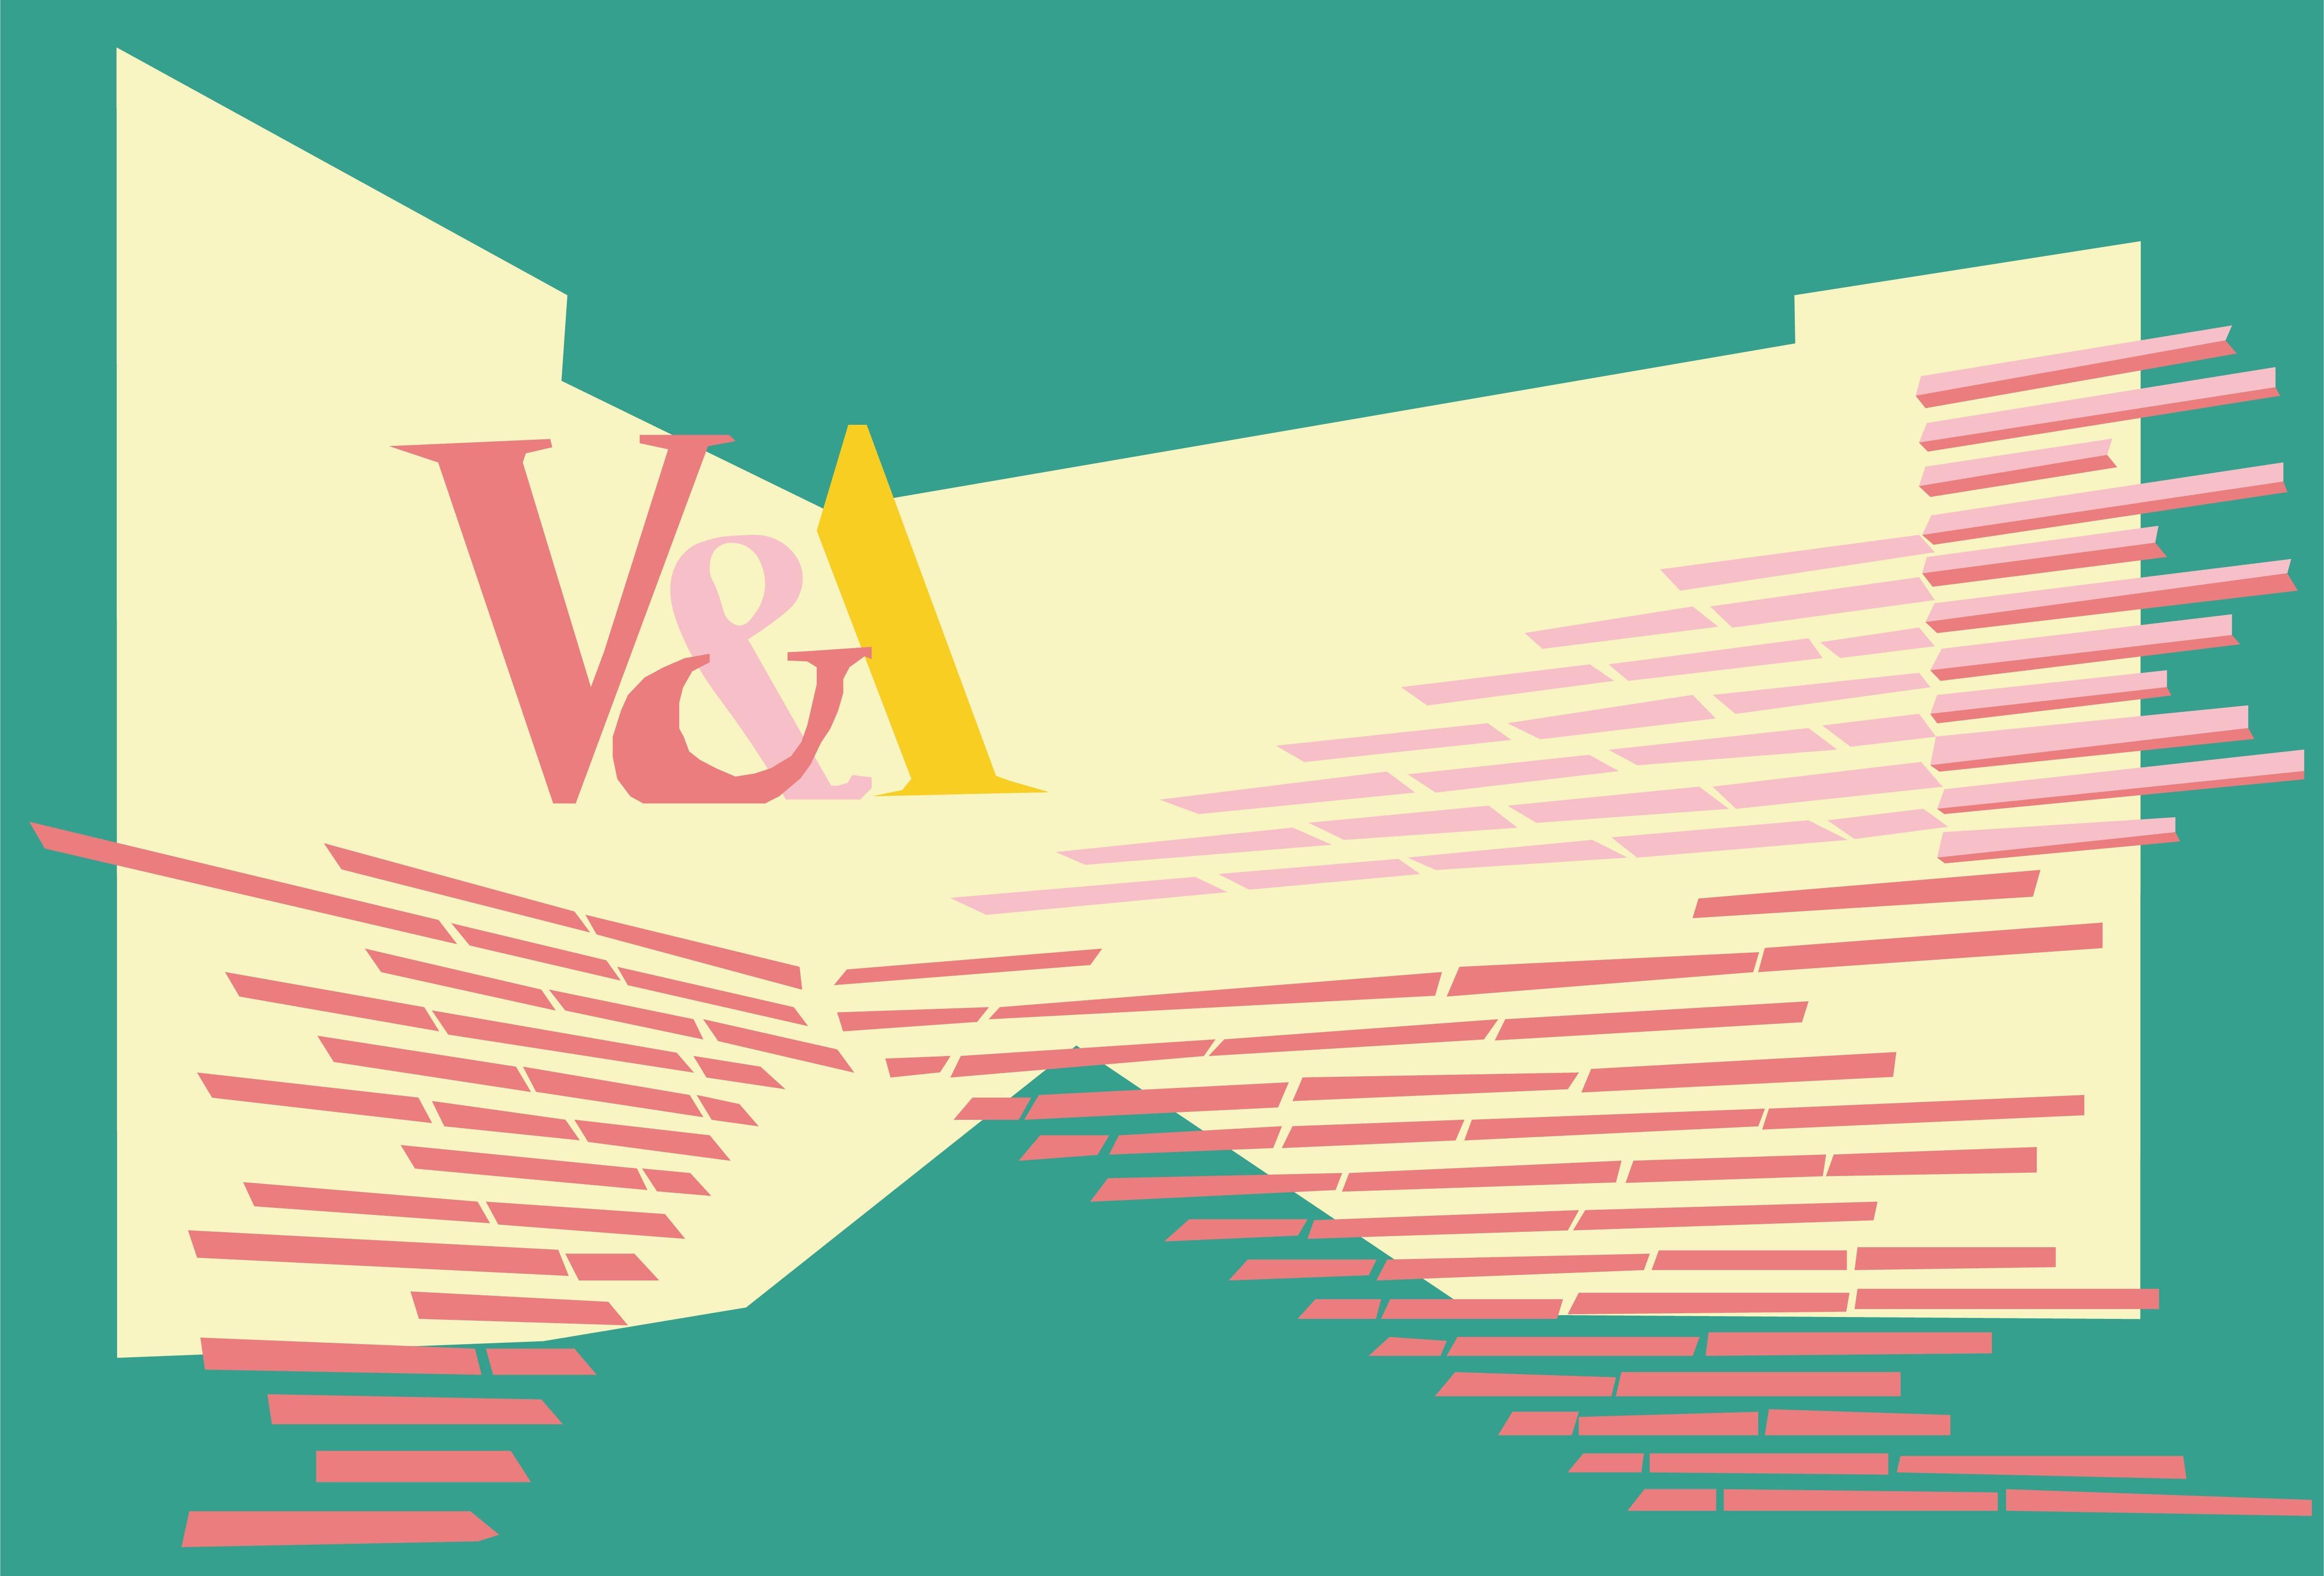 va-header-image